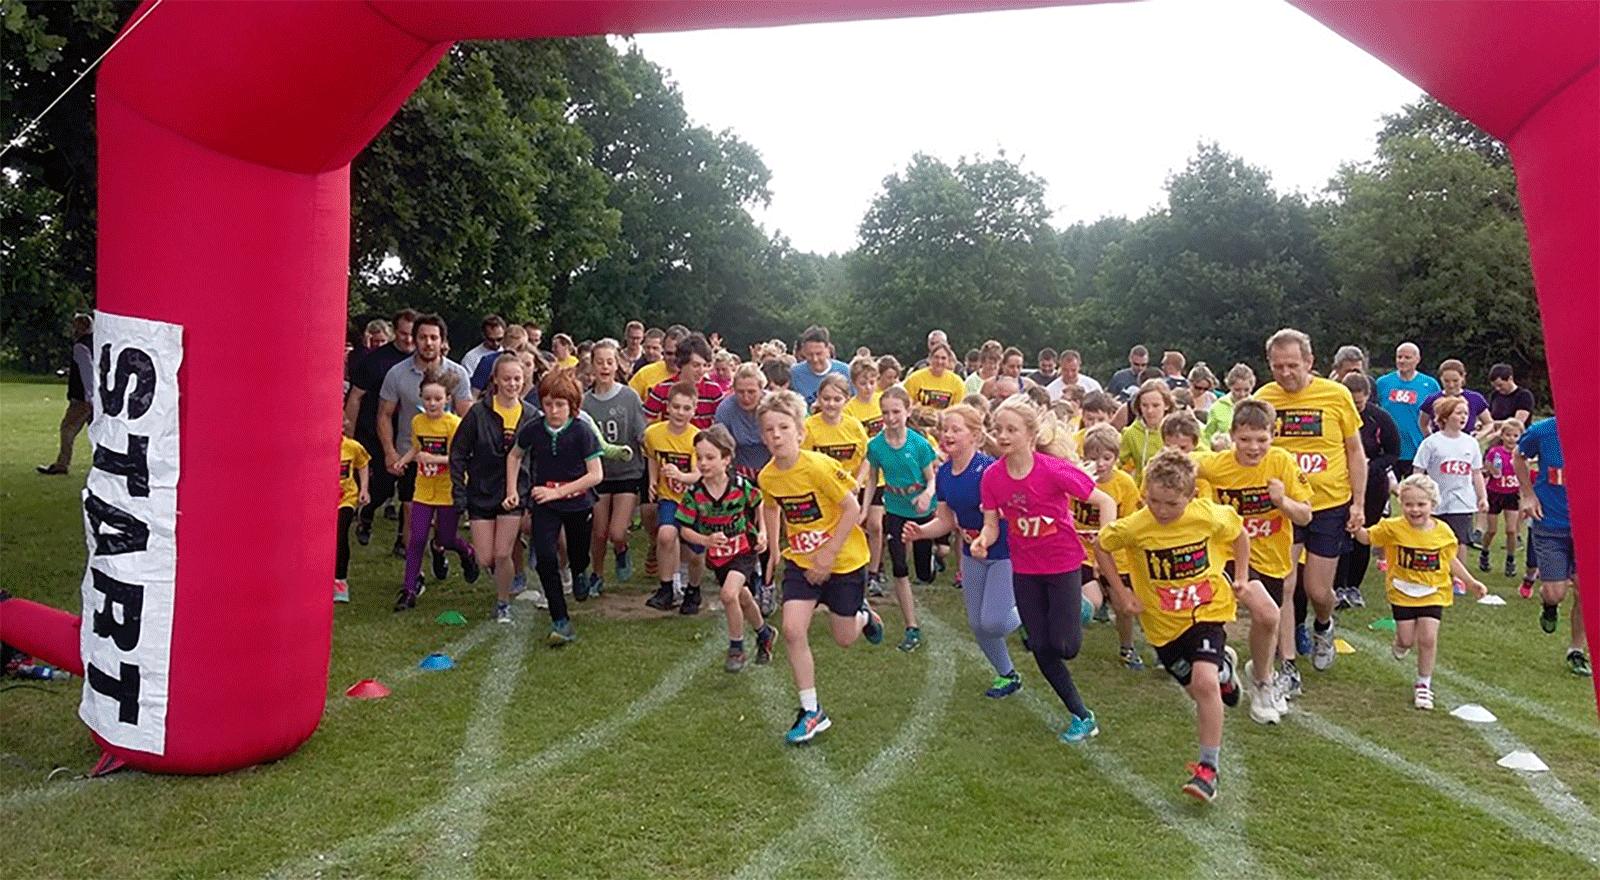 Everyone starting the fun run 2016